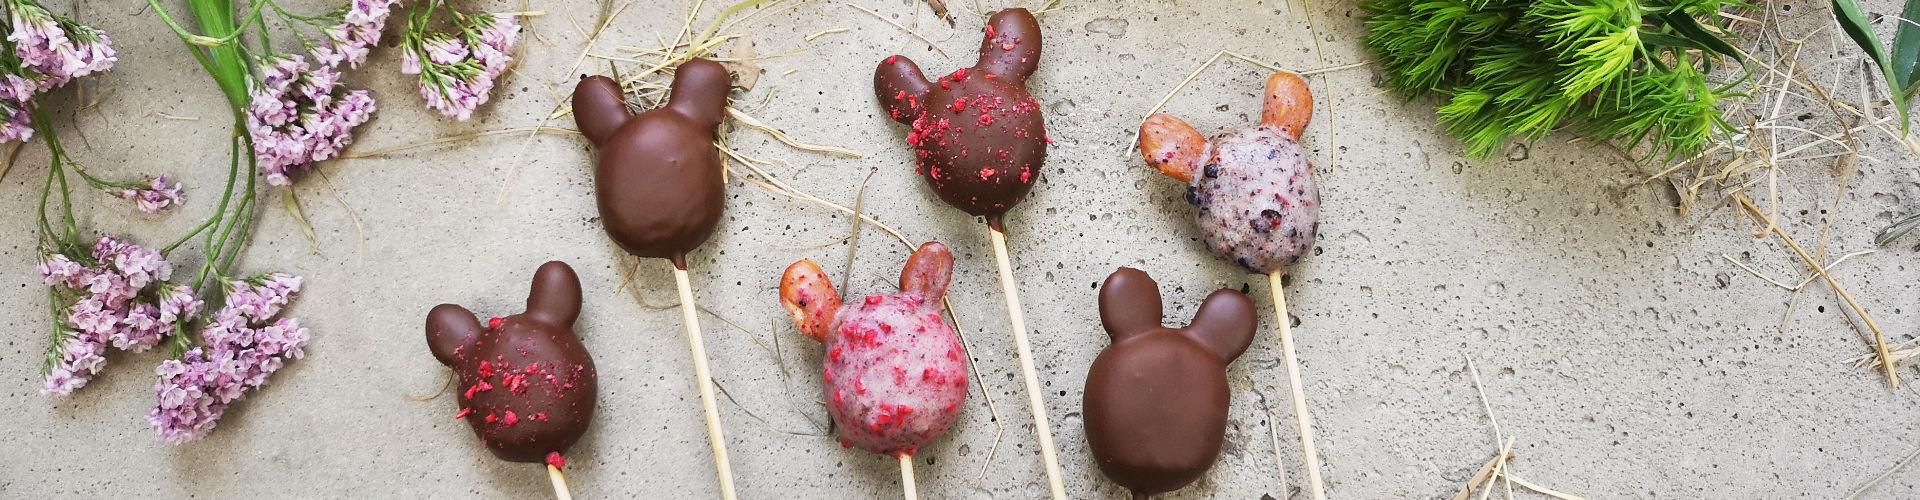 Karottenkuchen-Cakepops